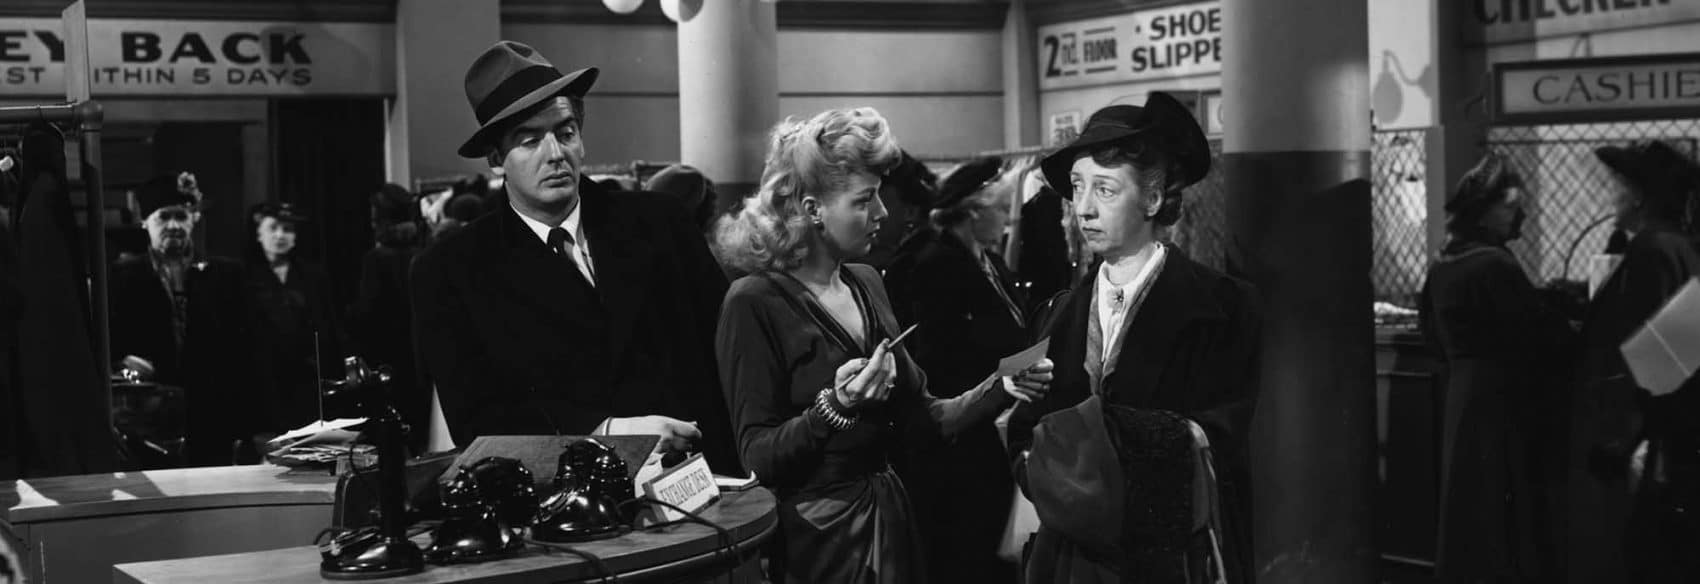 Le Coin du Cinéphage #5 – Film Noir: Cry of the City (1948)